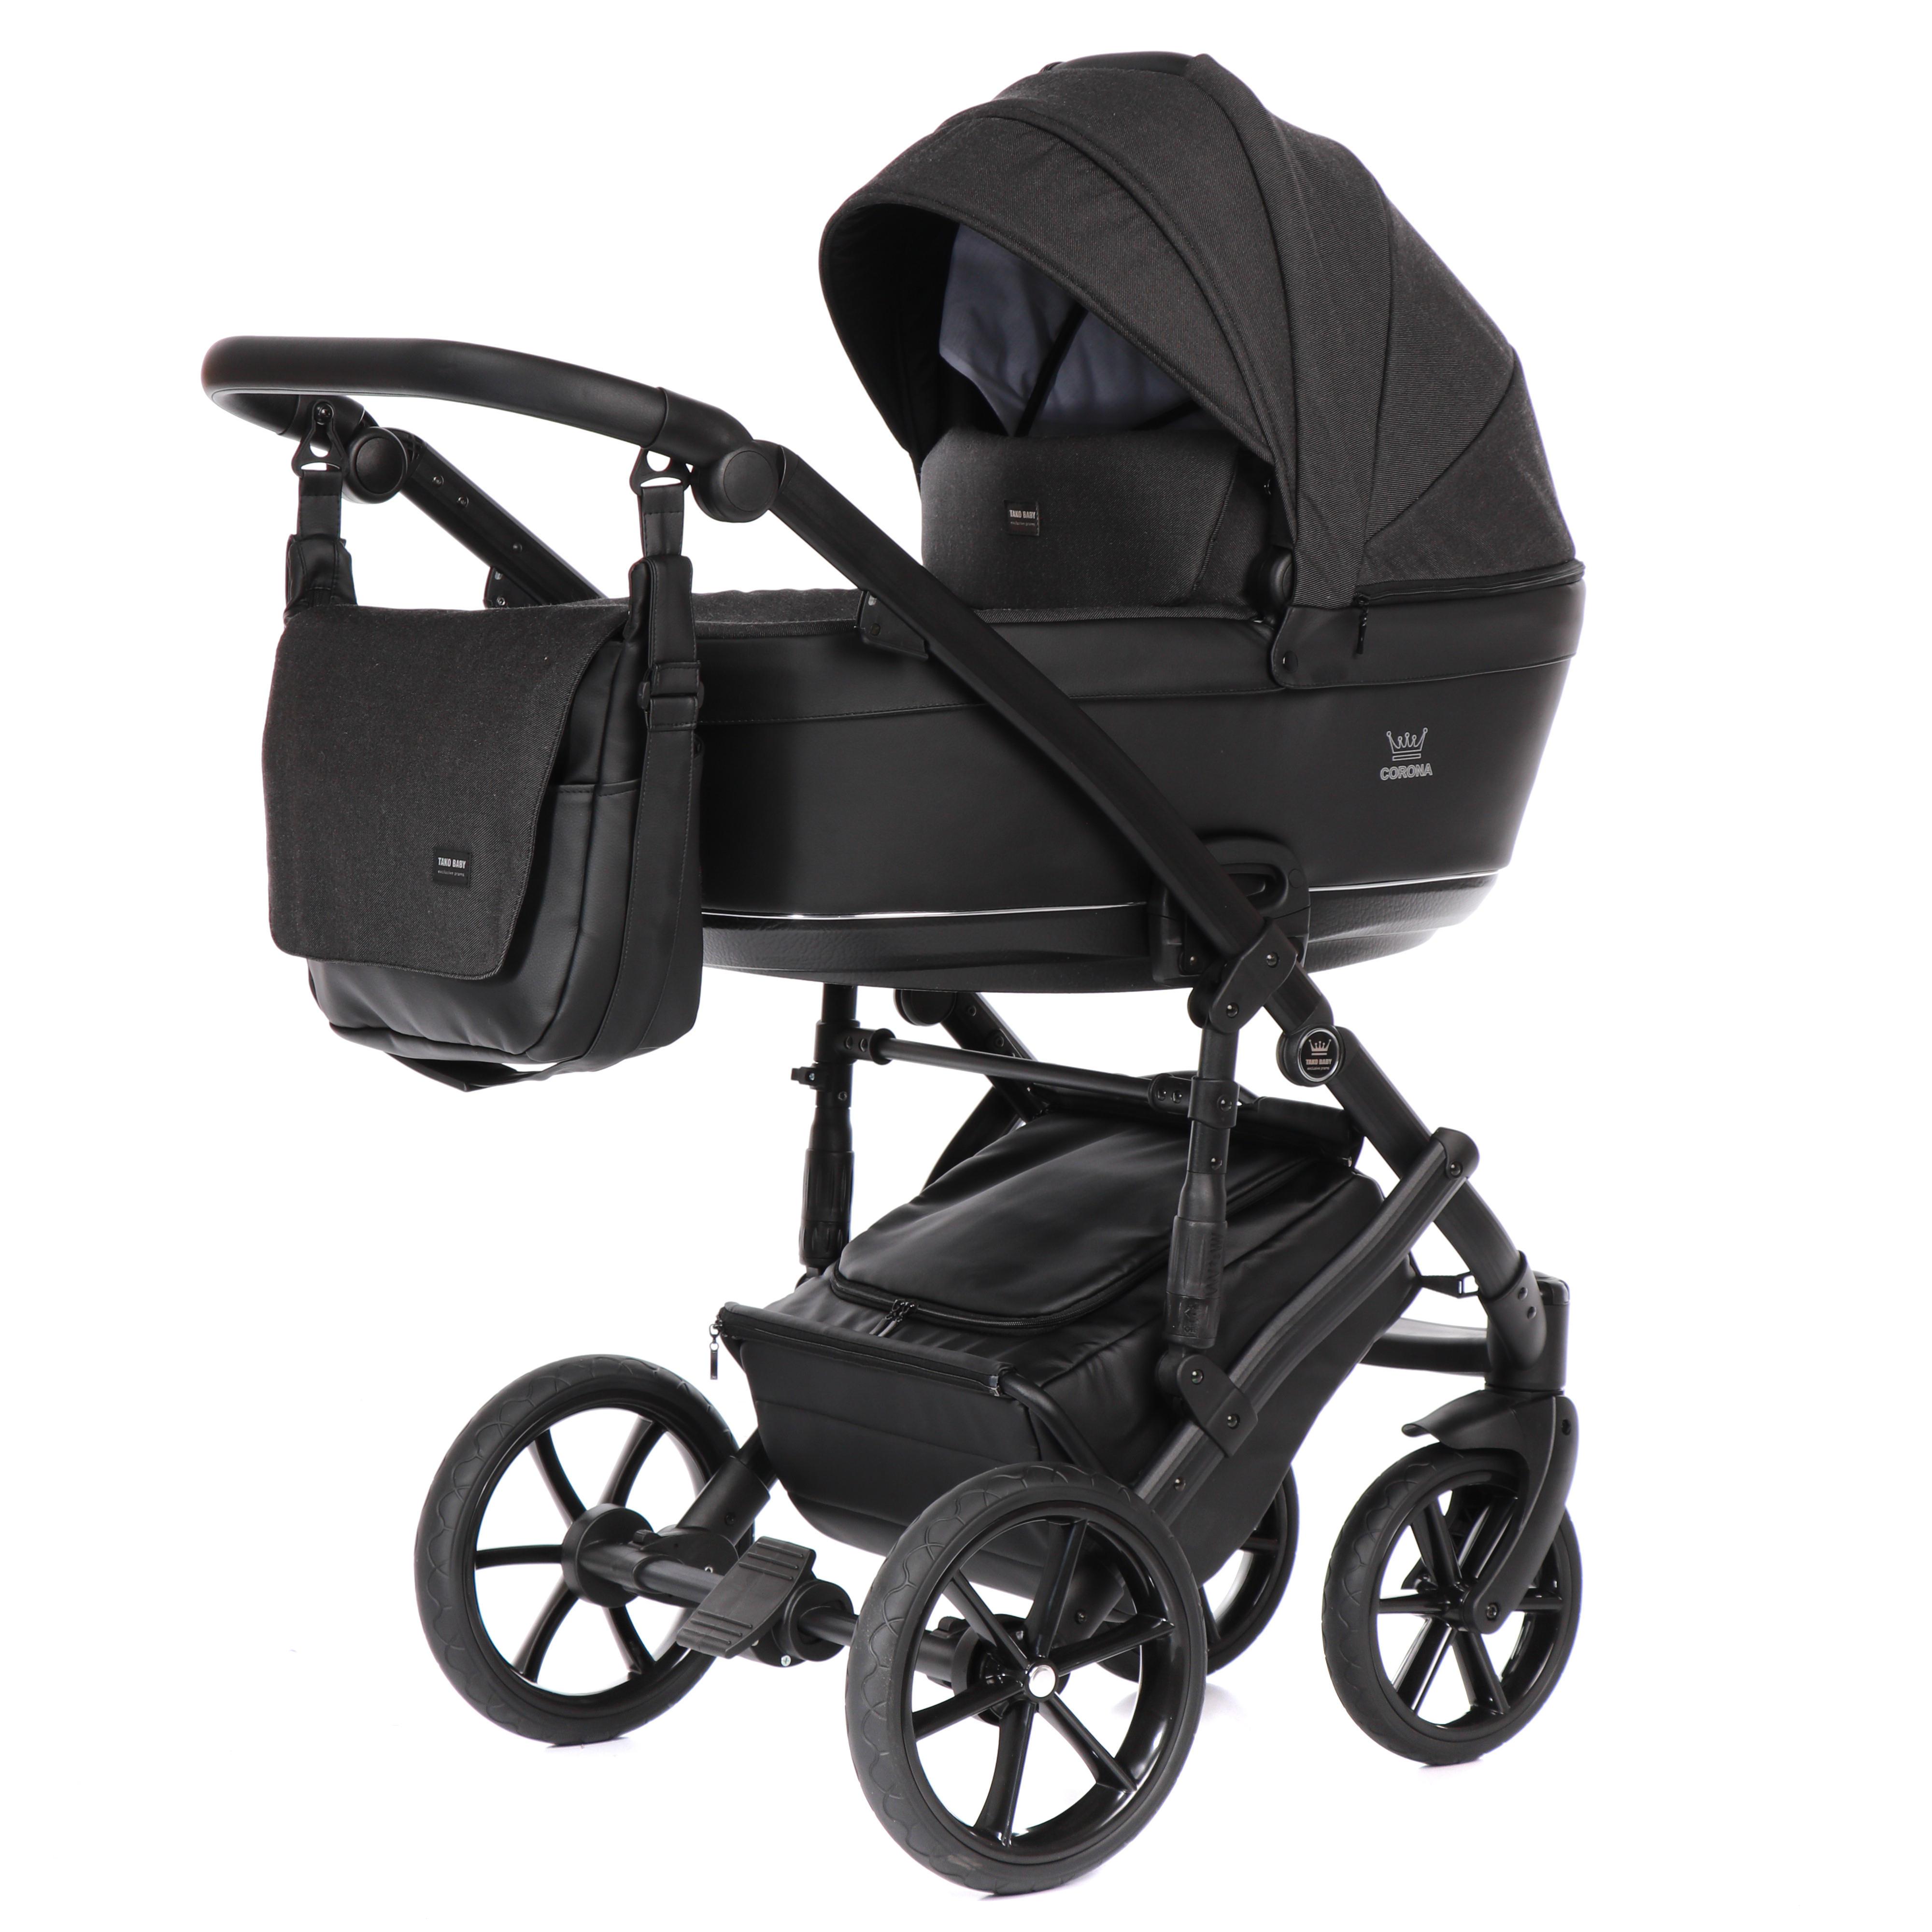 Tako Corona Lite wózek dziecięcy wielofunkcyjny nowoczesny